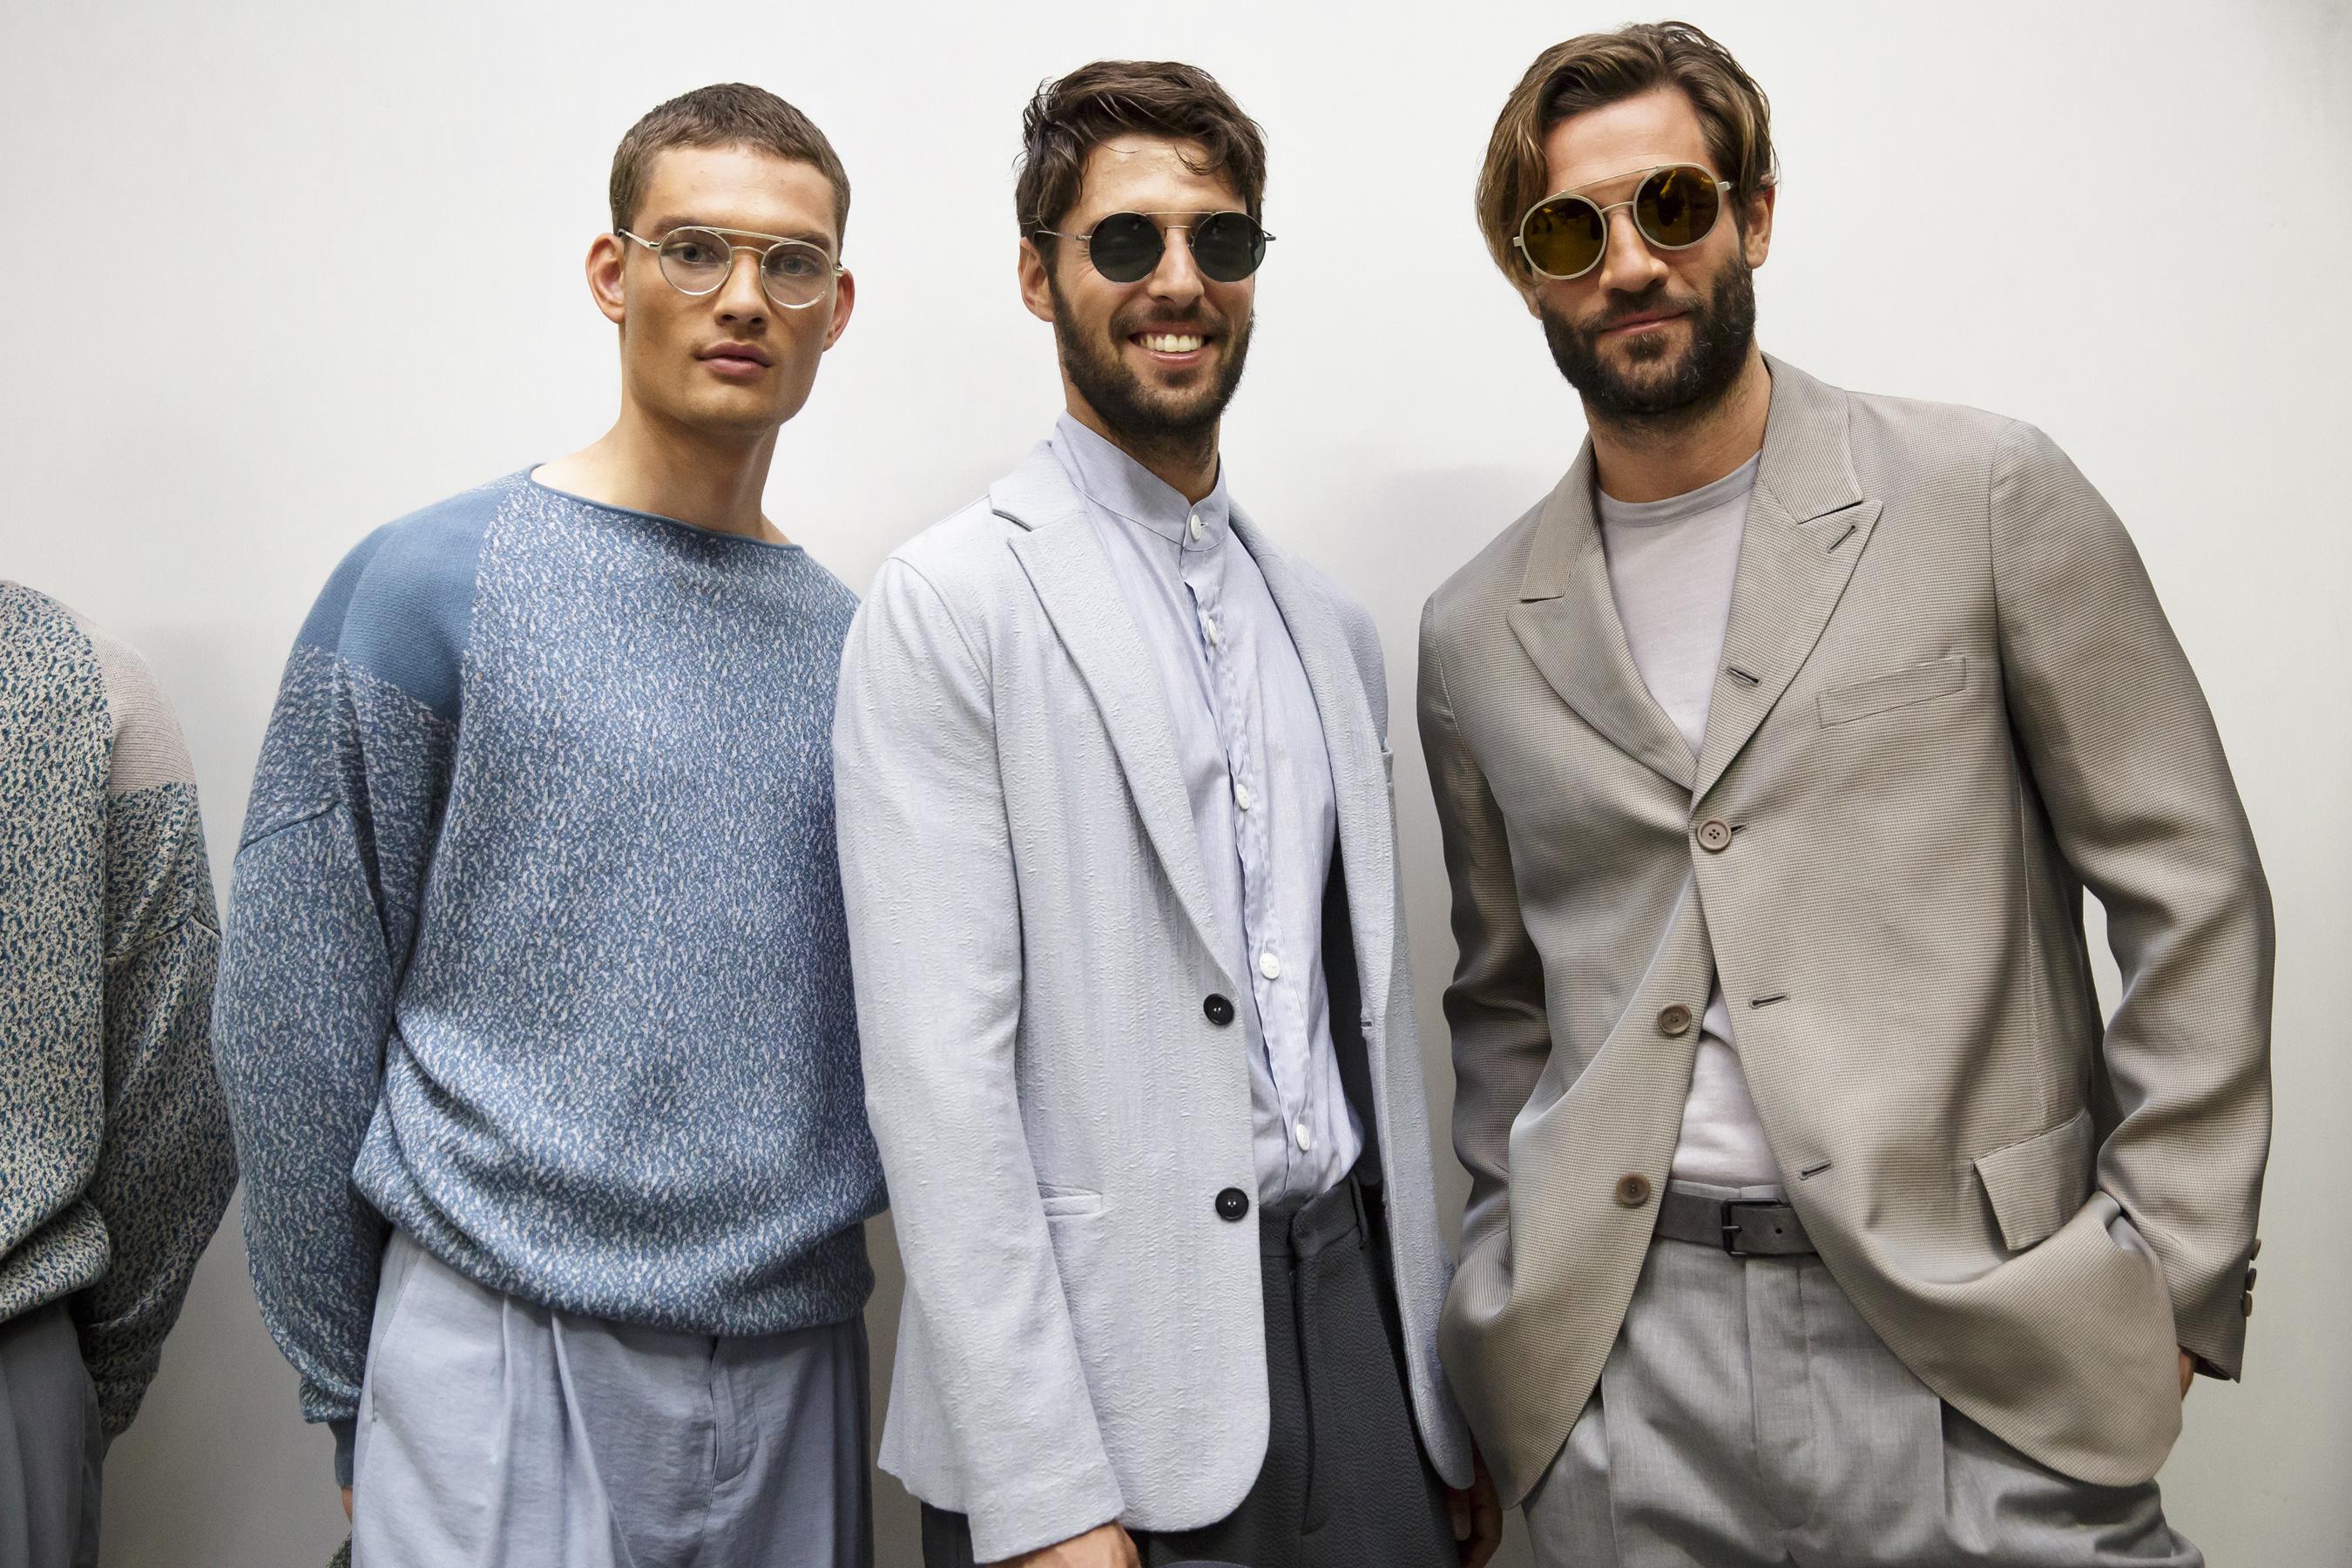 Giorgio Armani весна лето 2018 мужская коллекция